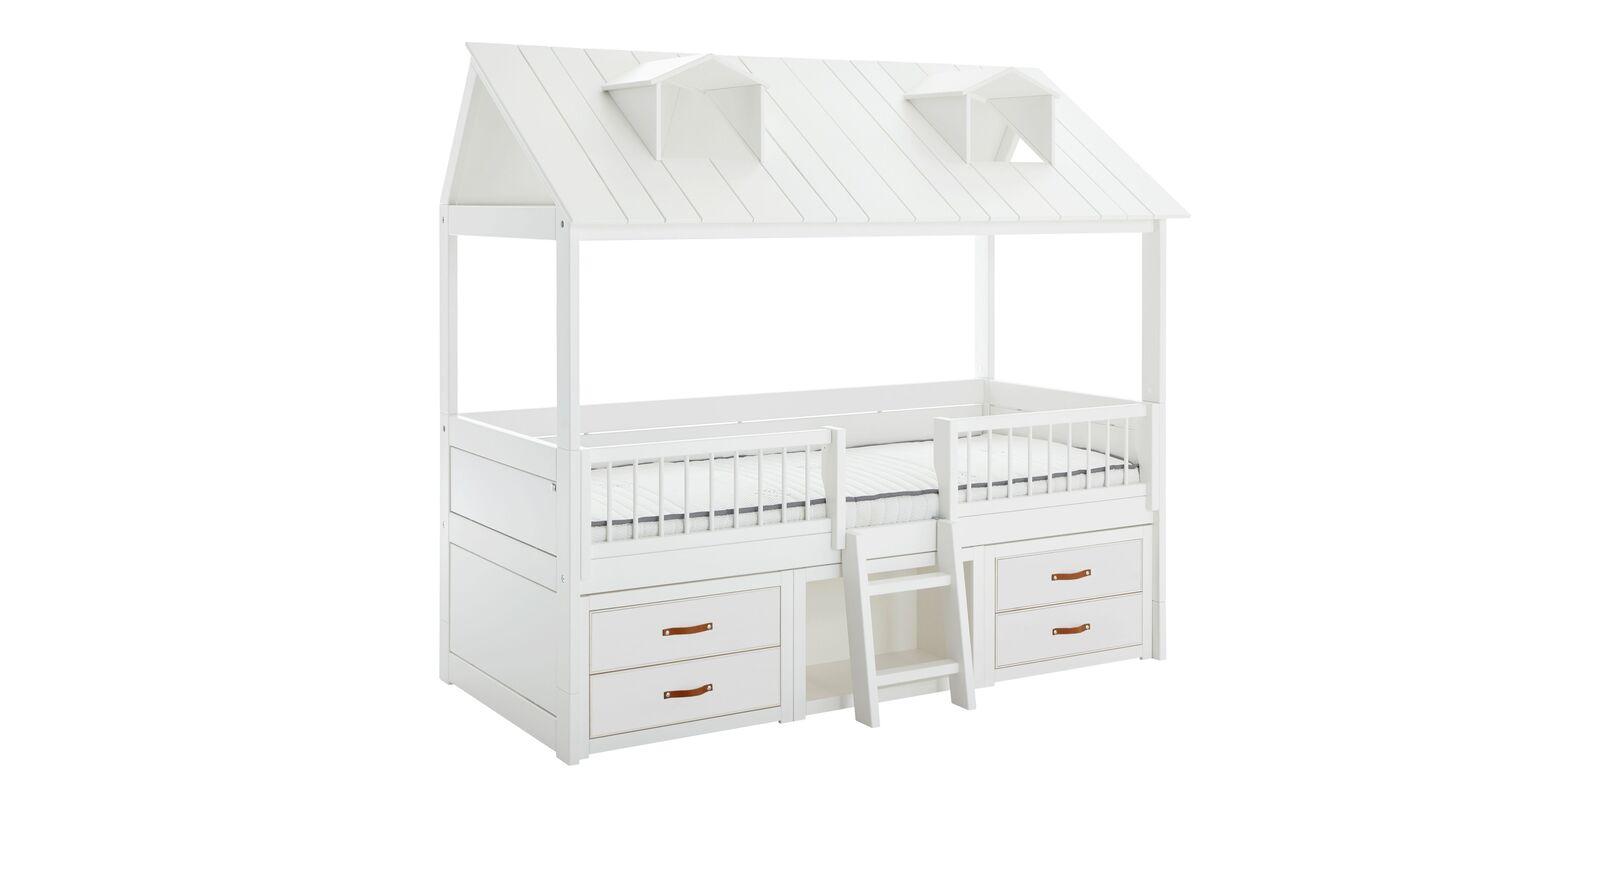 LIFETIME Kojenbett Beachhouse mit weiß lackierten Schubladen